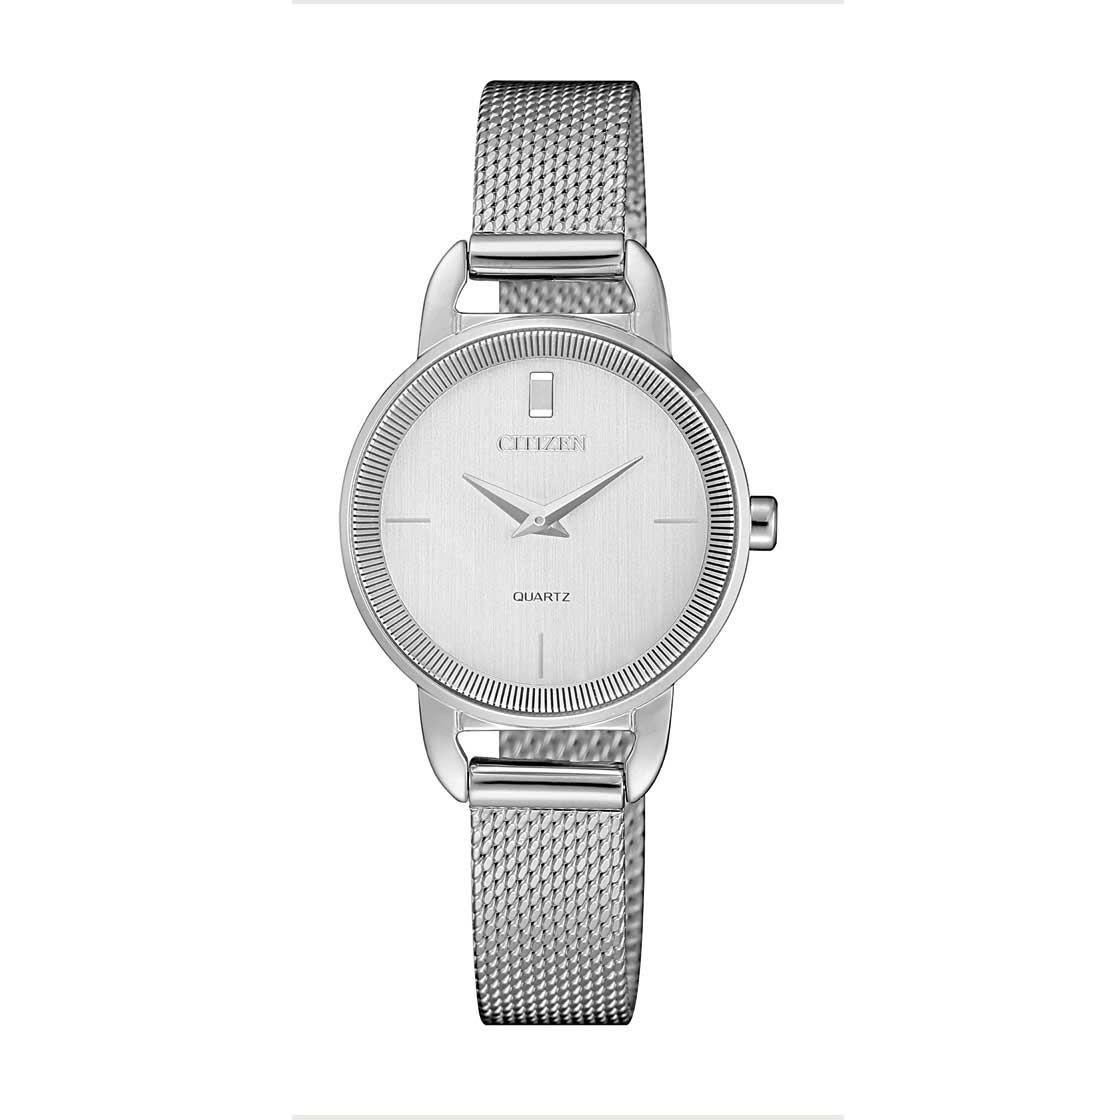 ساعت مچی عقربه ای زنانه سیتی زن مدل EZ7000-50A -  - 2